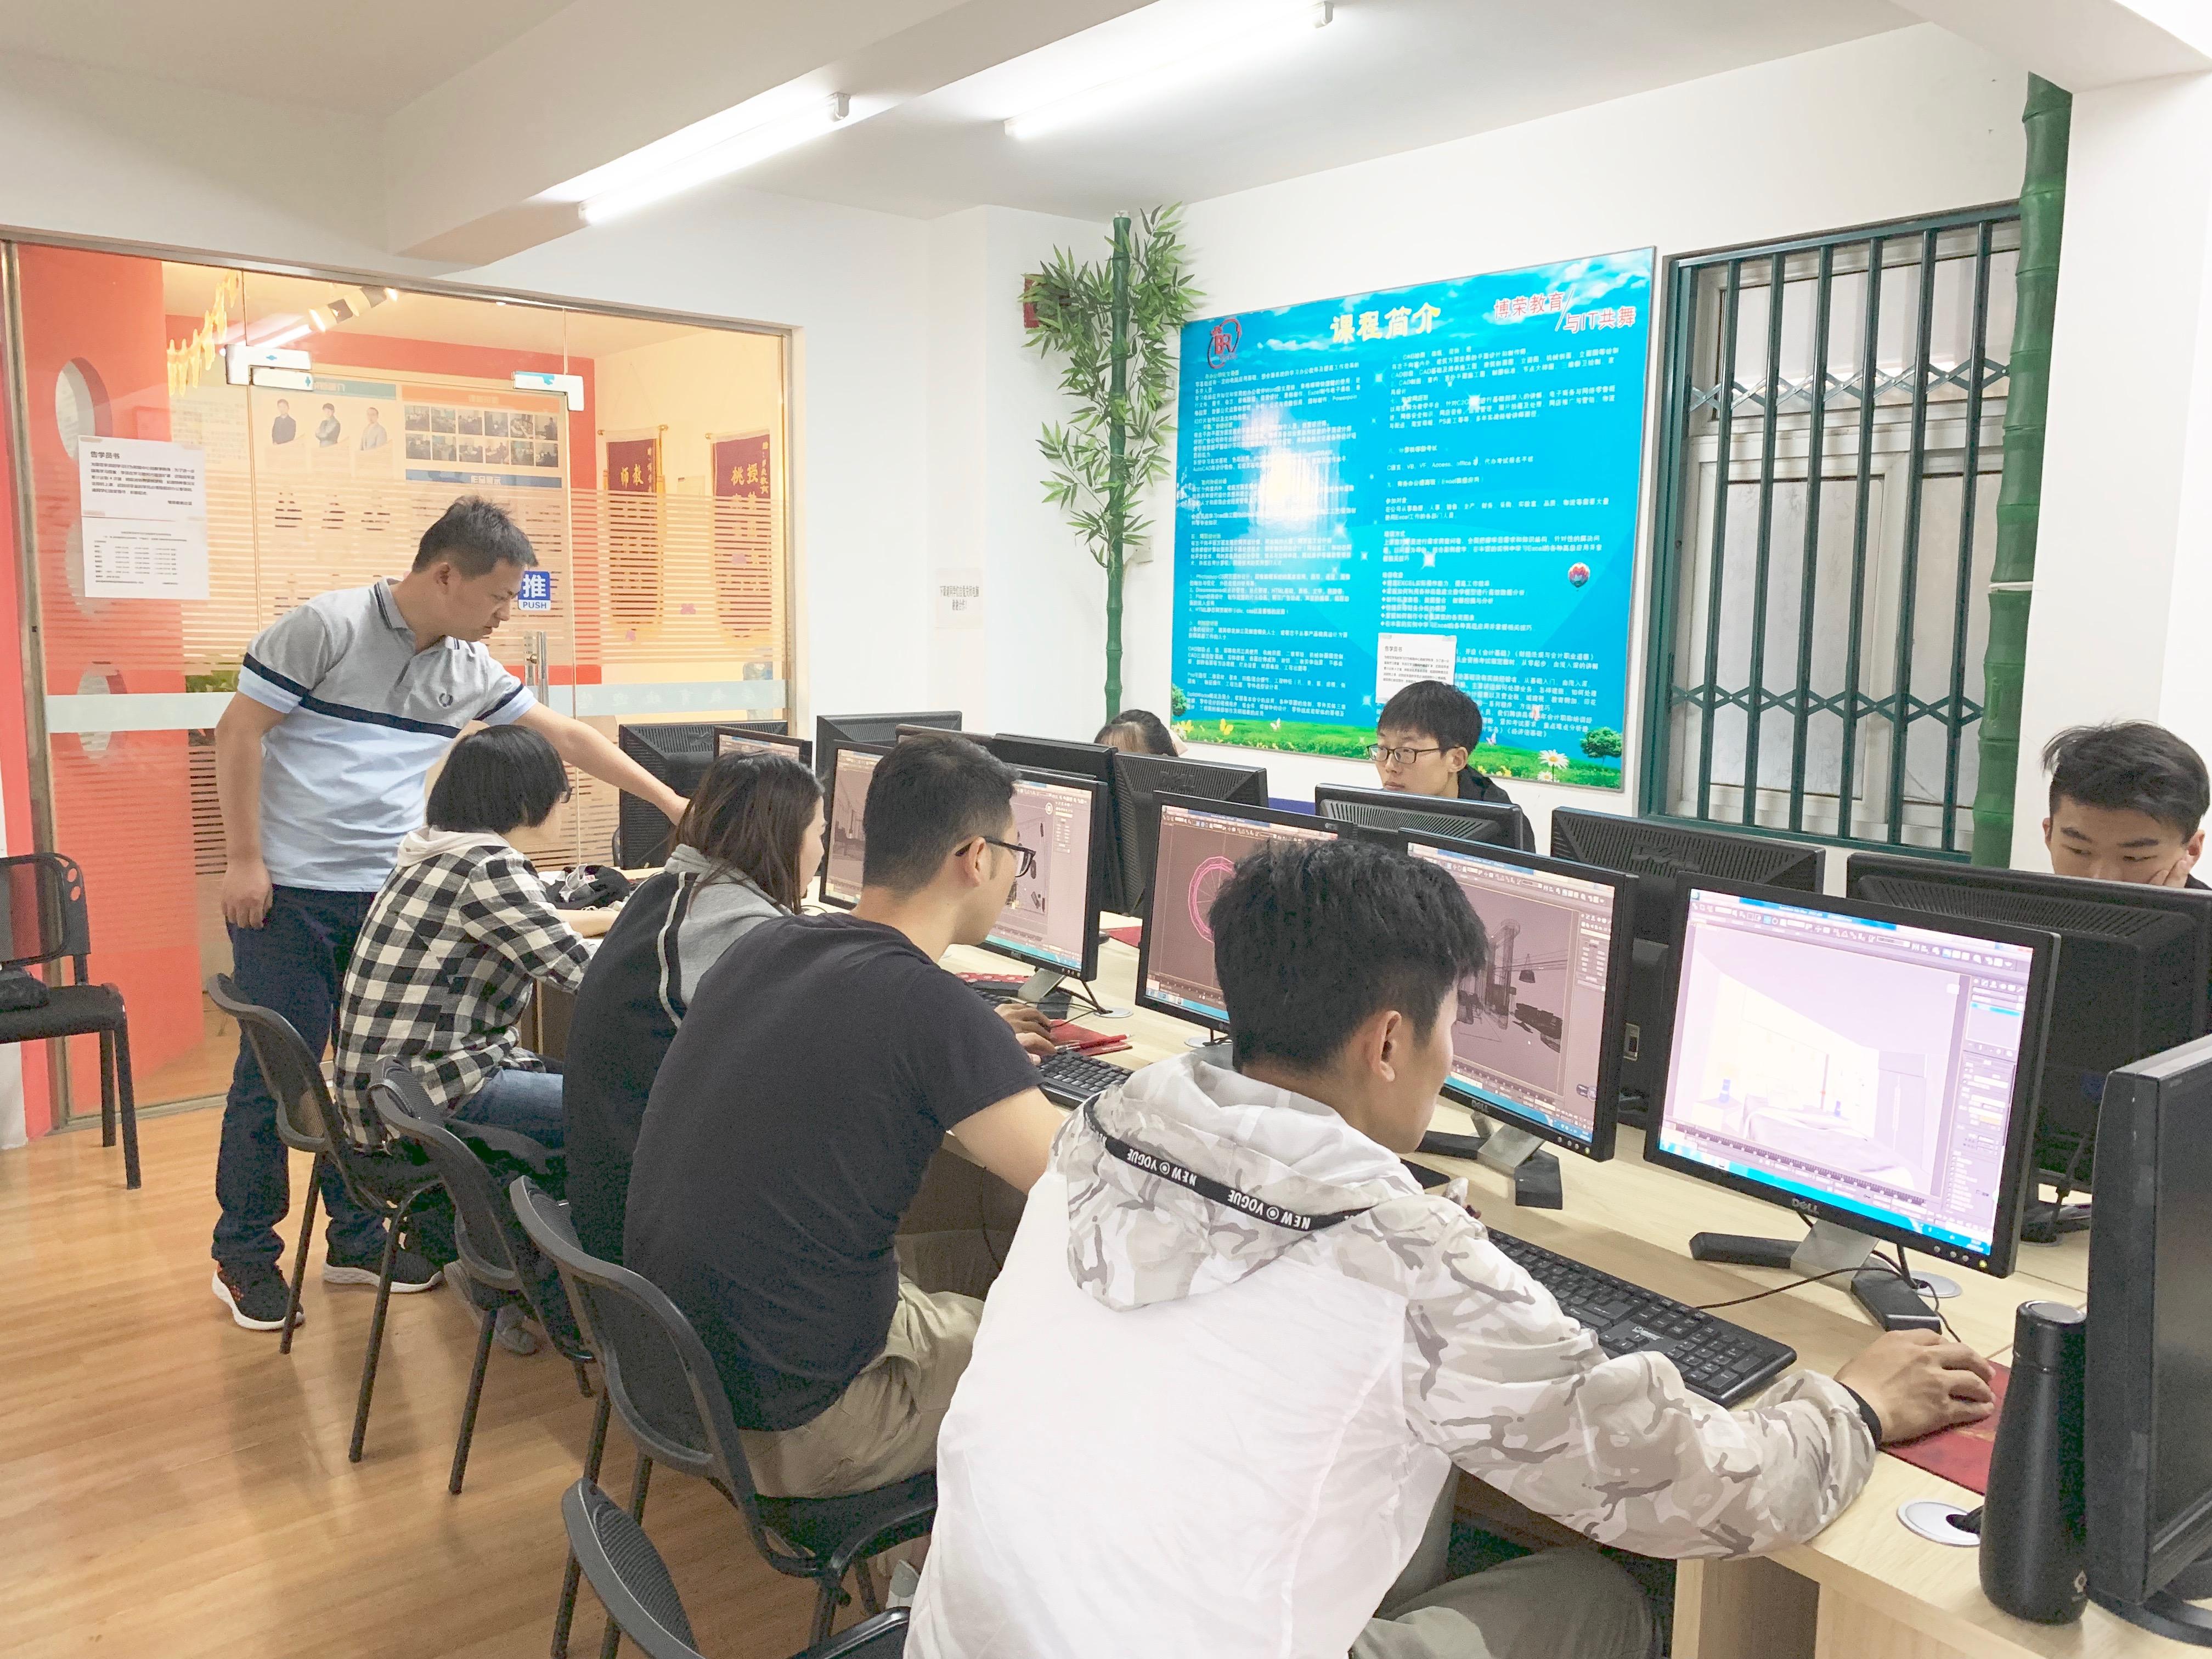 合肥办公自动化培训机构-参加办公软件培训的重要